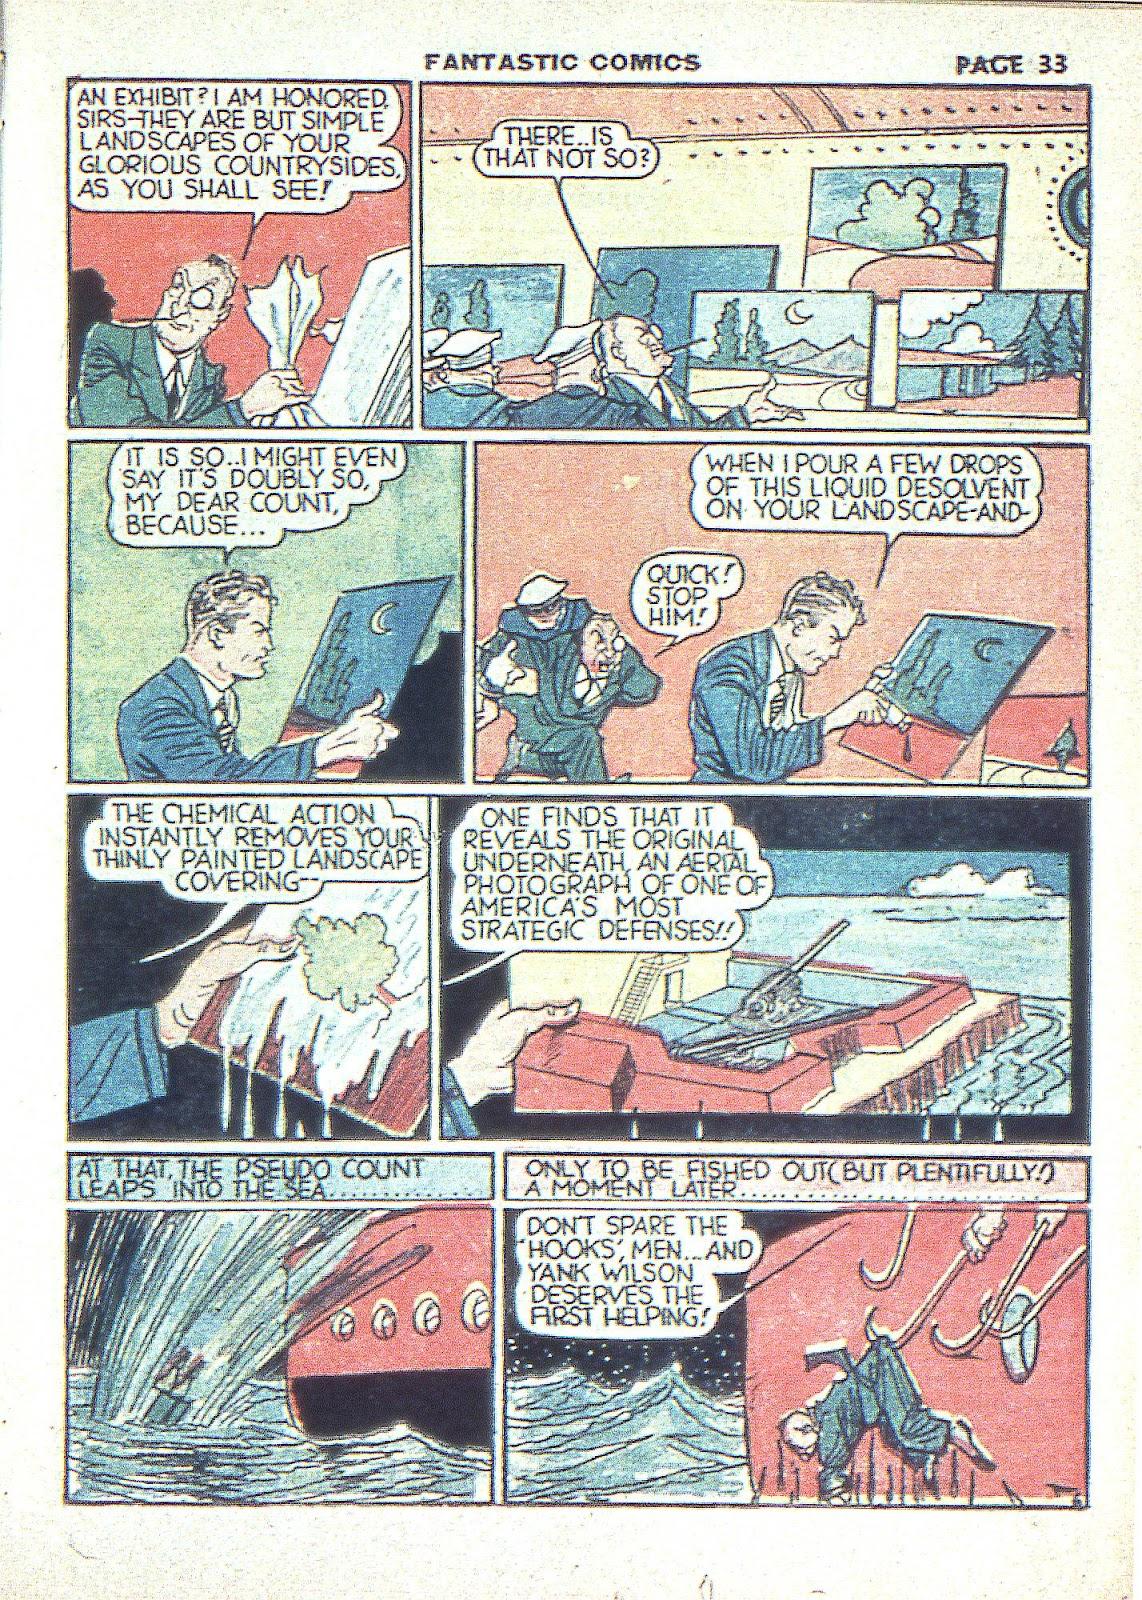 Read online Fantastic Comics comic -  Issue #3 - 36